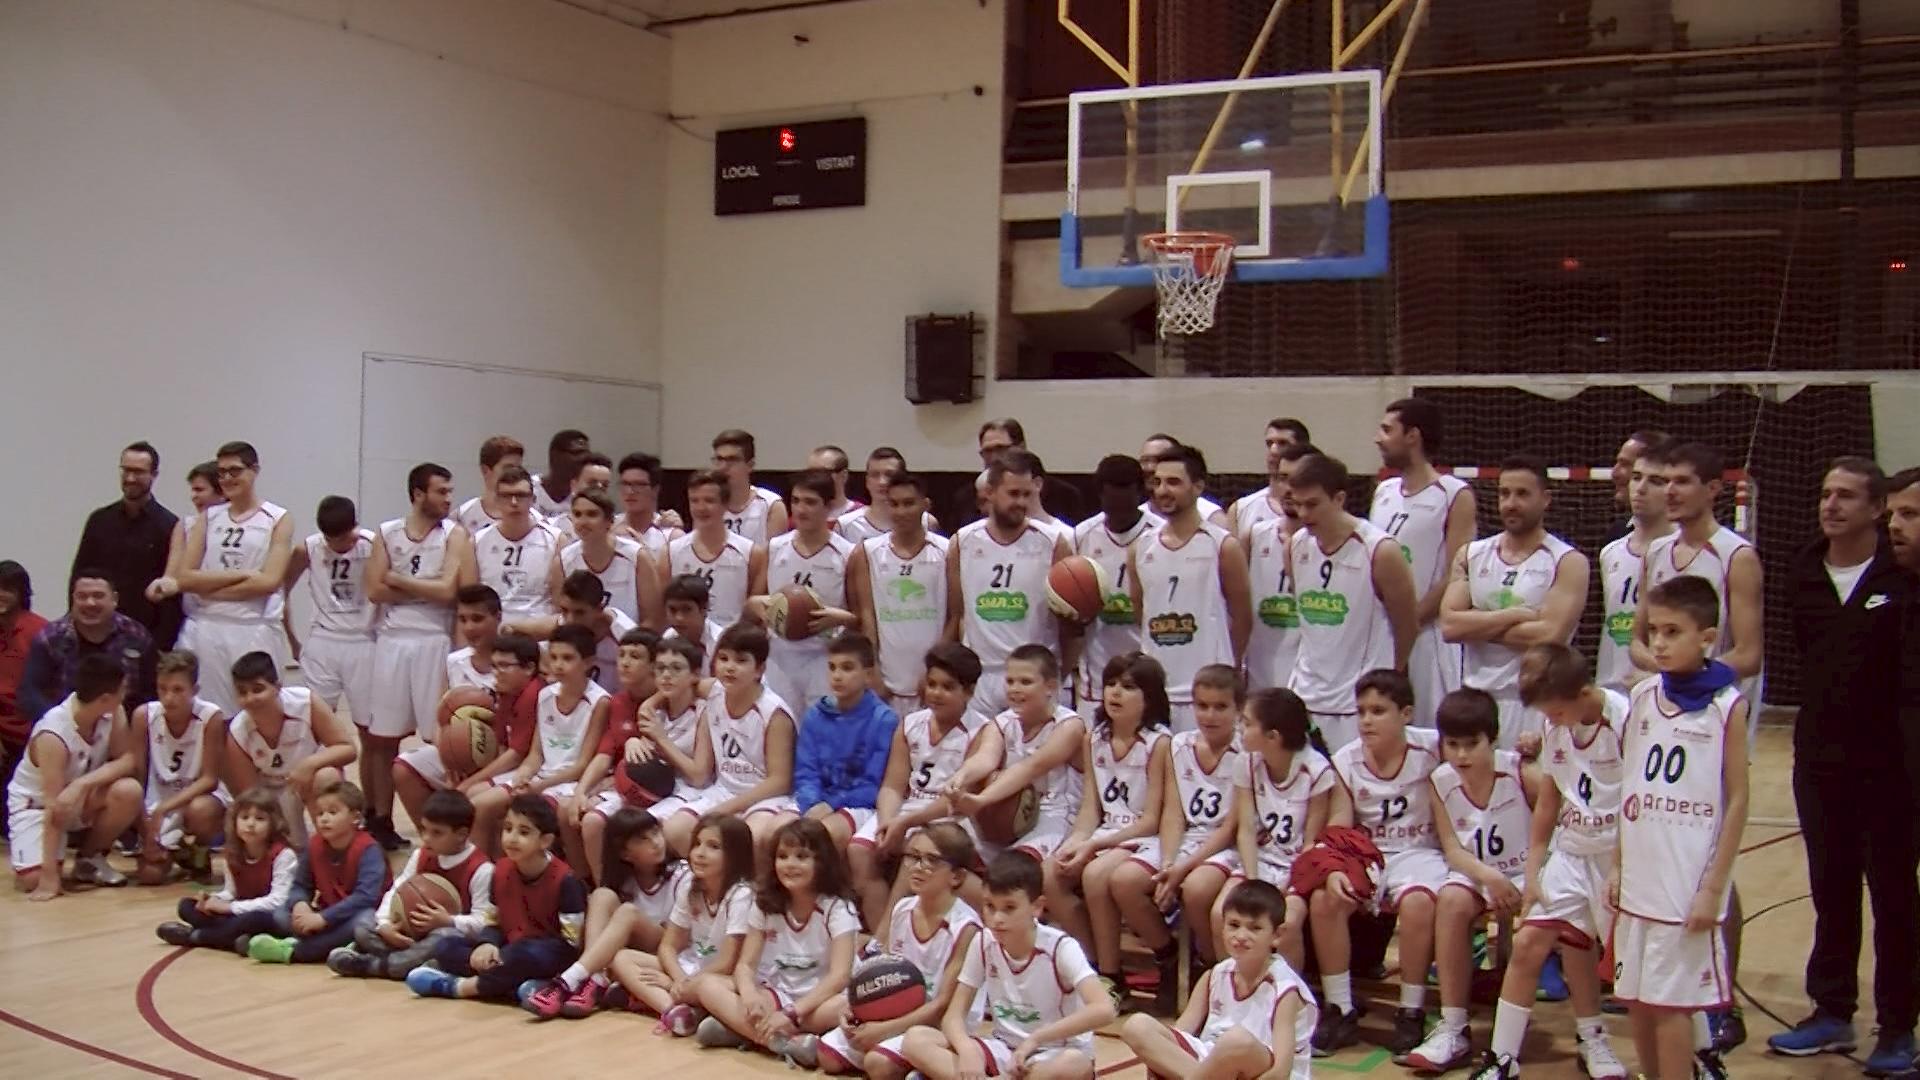 El Club Bàsquet Borges-Garrigues presenta els equips